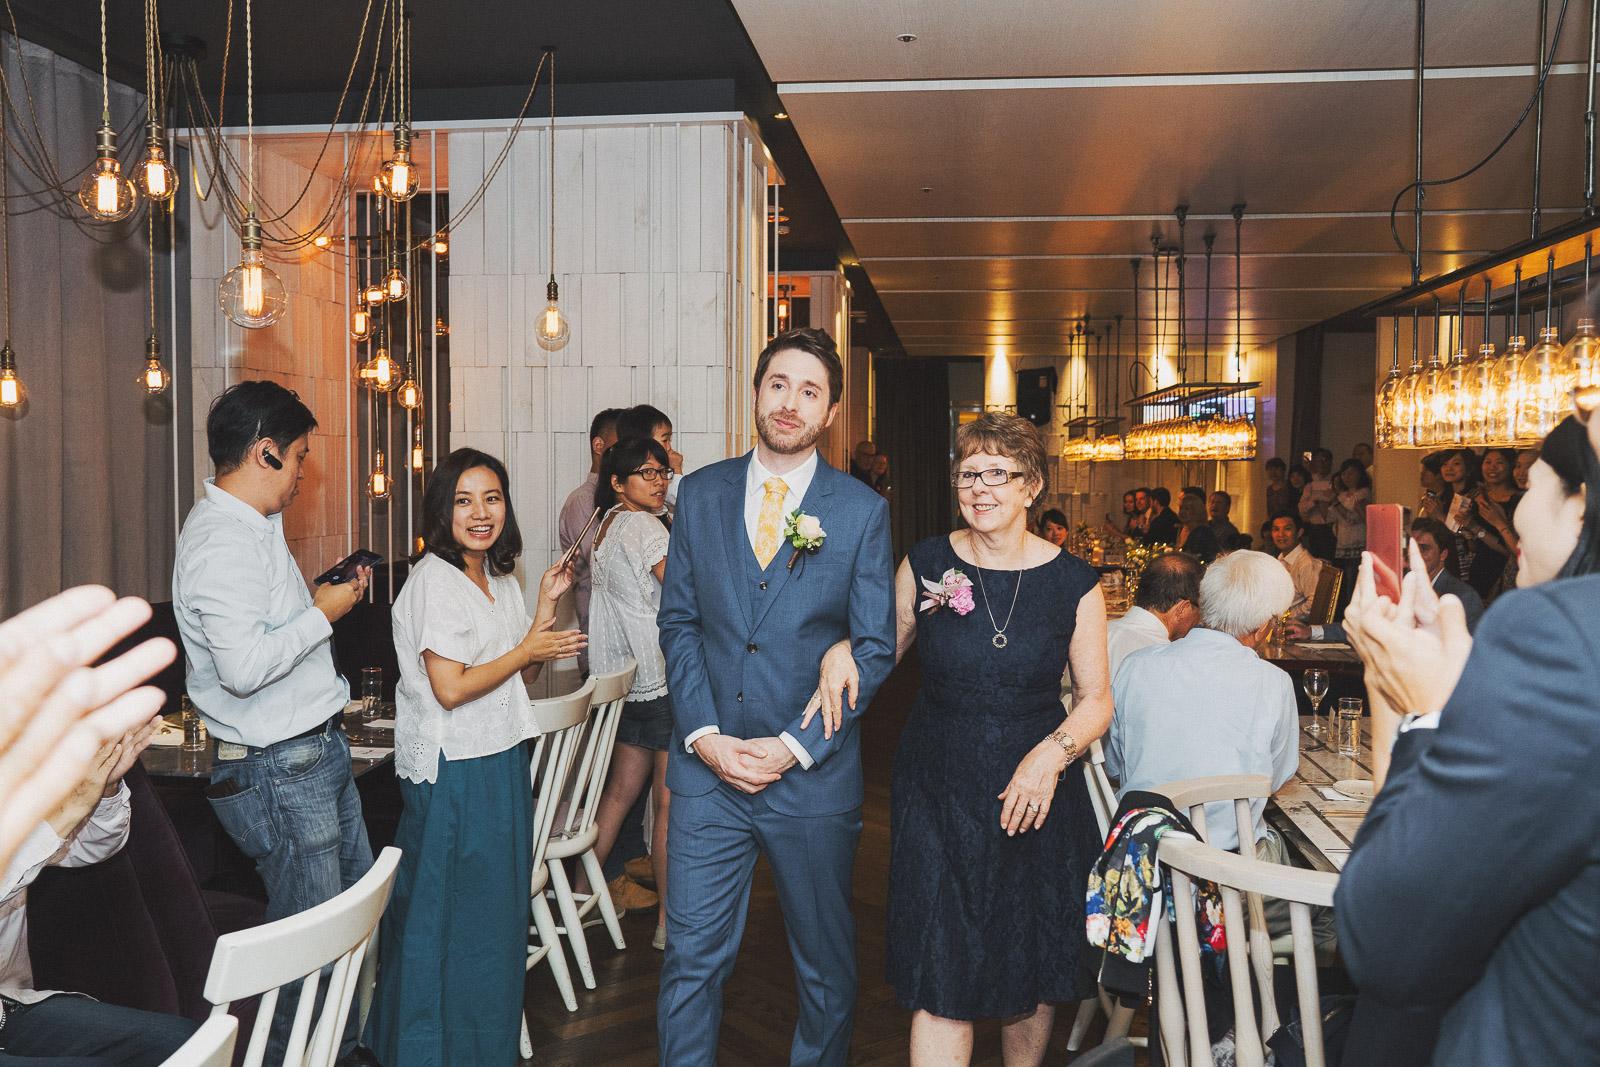 婚禮攝影,婚禮儀式,wedding photo